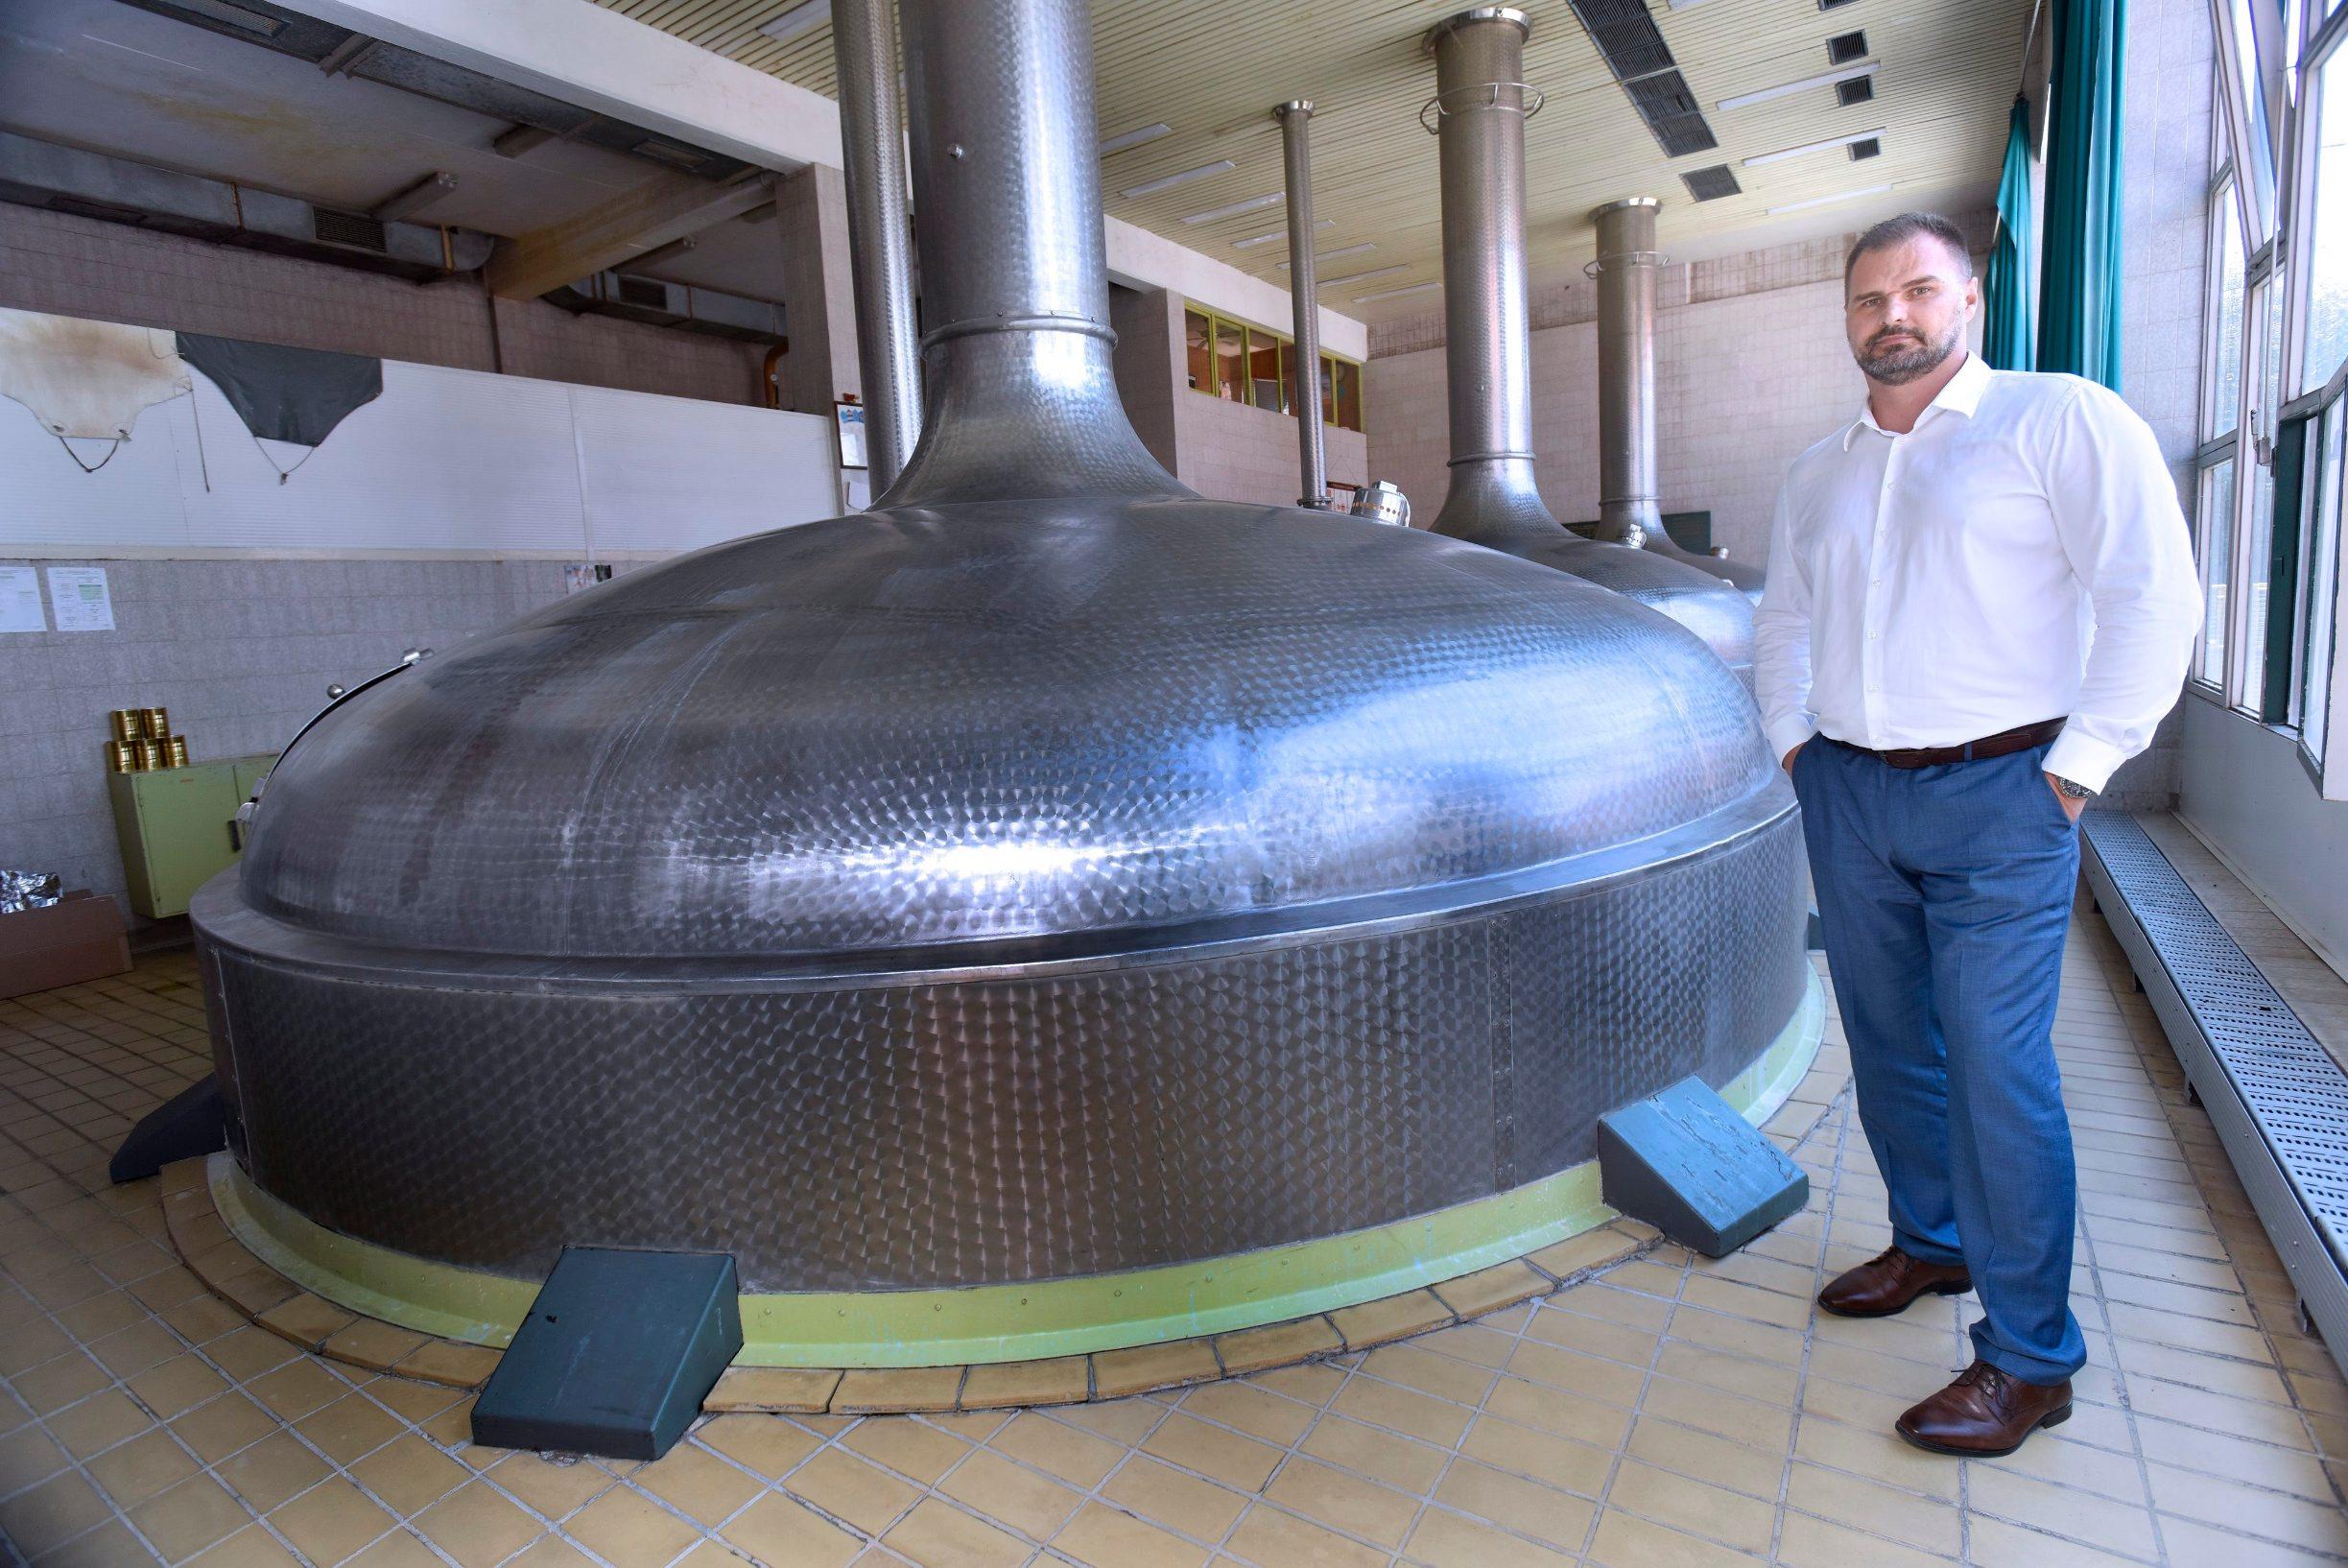 Daruvar, 230818. Postrojenja Daruvarske pivovare. Na fotografiji: Direktor Daruvarske pivovare Sinisa Lukac u kojima se proizvodi razna kraft piva stoji pored kotlova za kuhanje piva. Foto: Krasnodar Persun / CROPIX